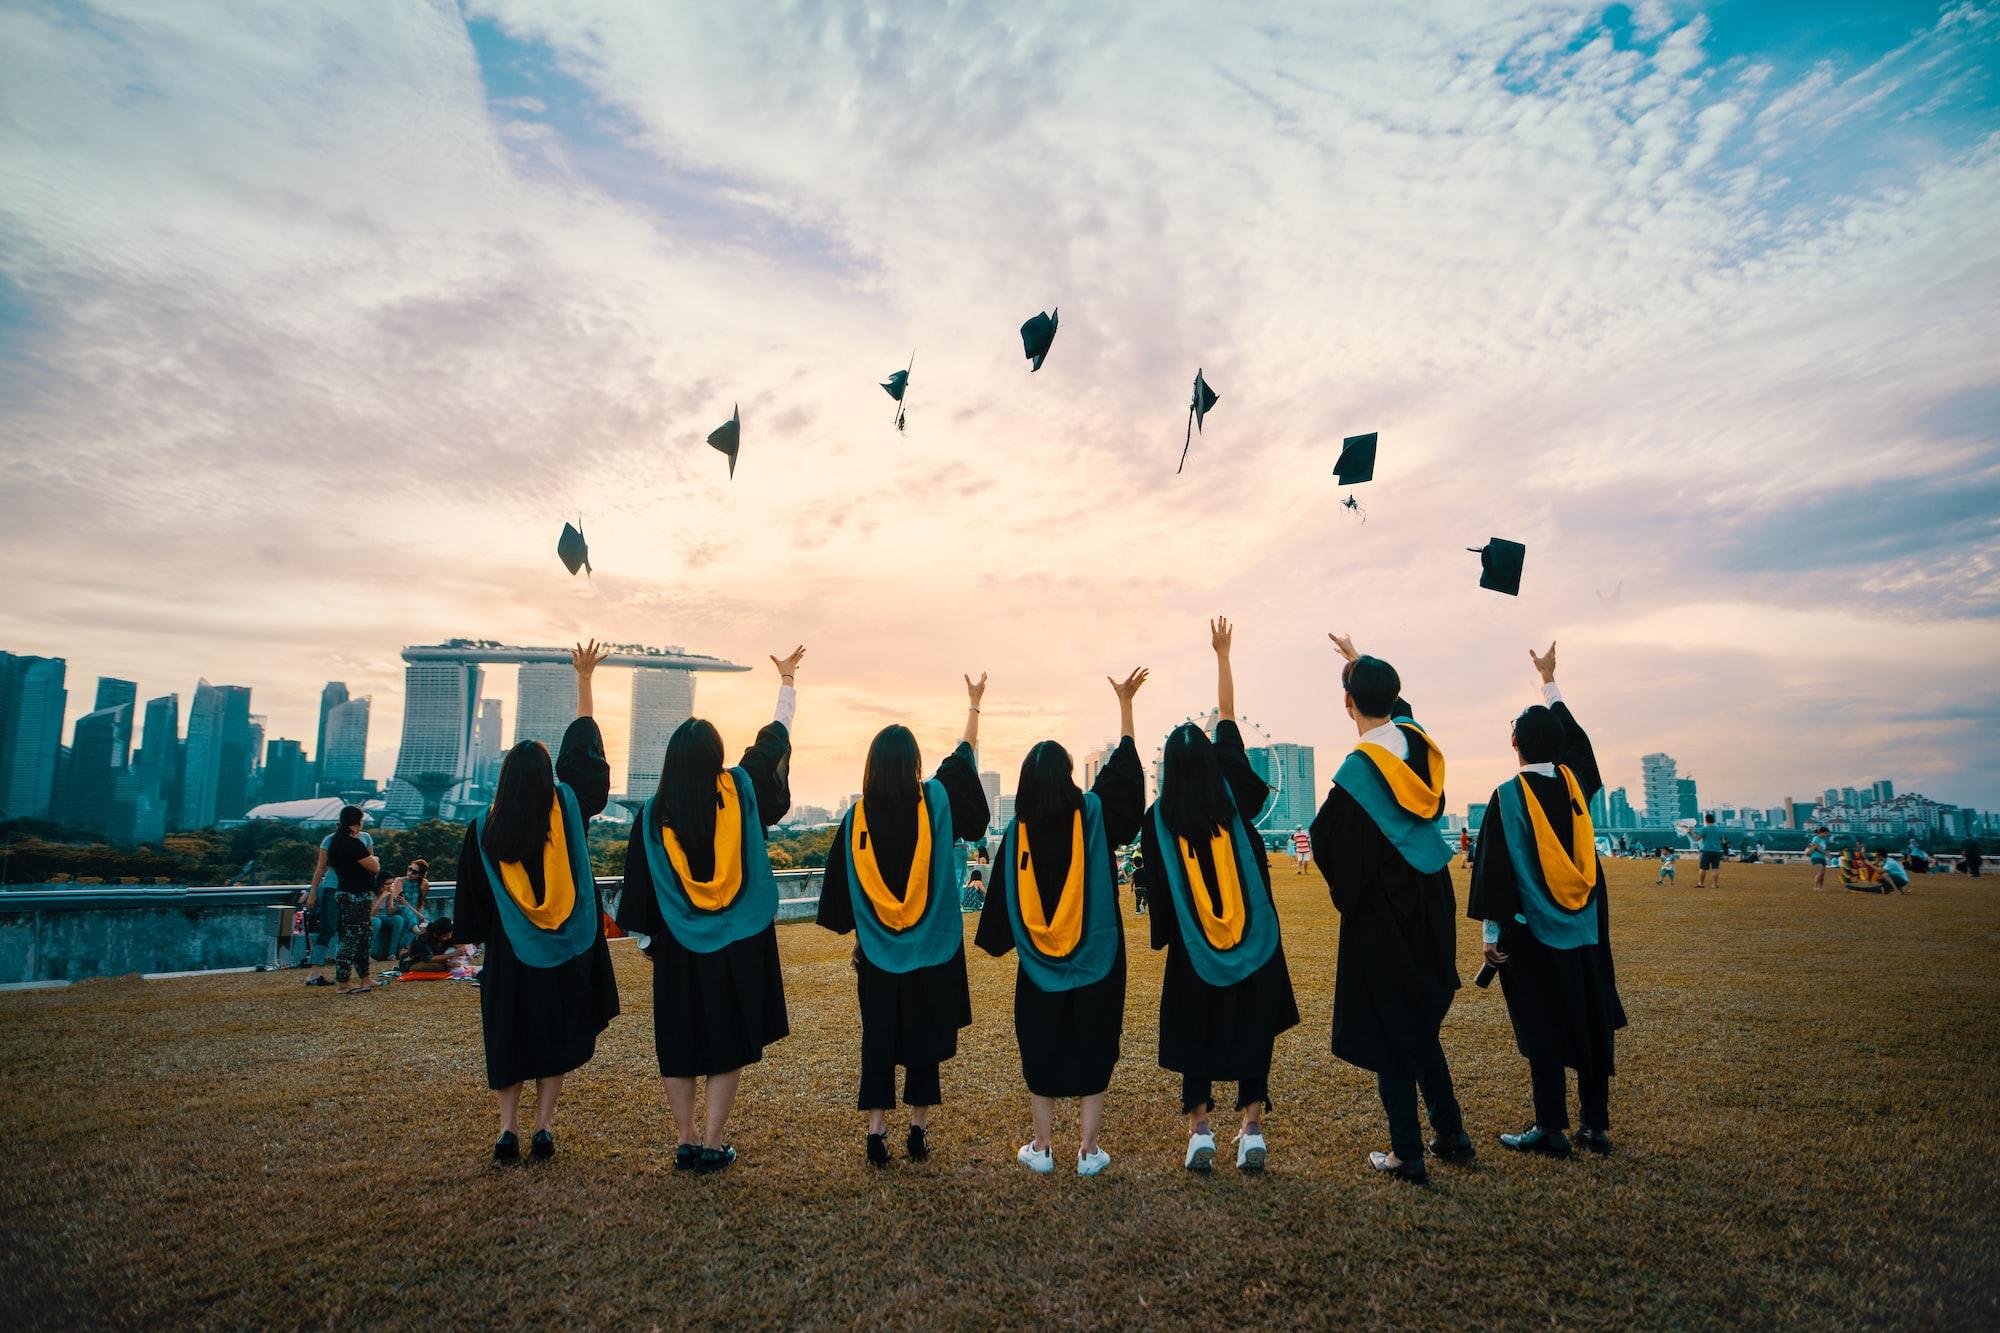 भारतीय छात्रों का भी लंदन की इकॉनिमी में 'अहम' योगदान, जानिए कैसे